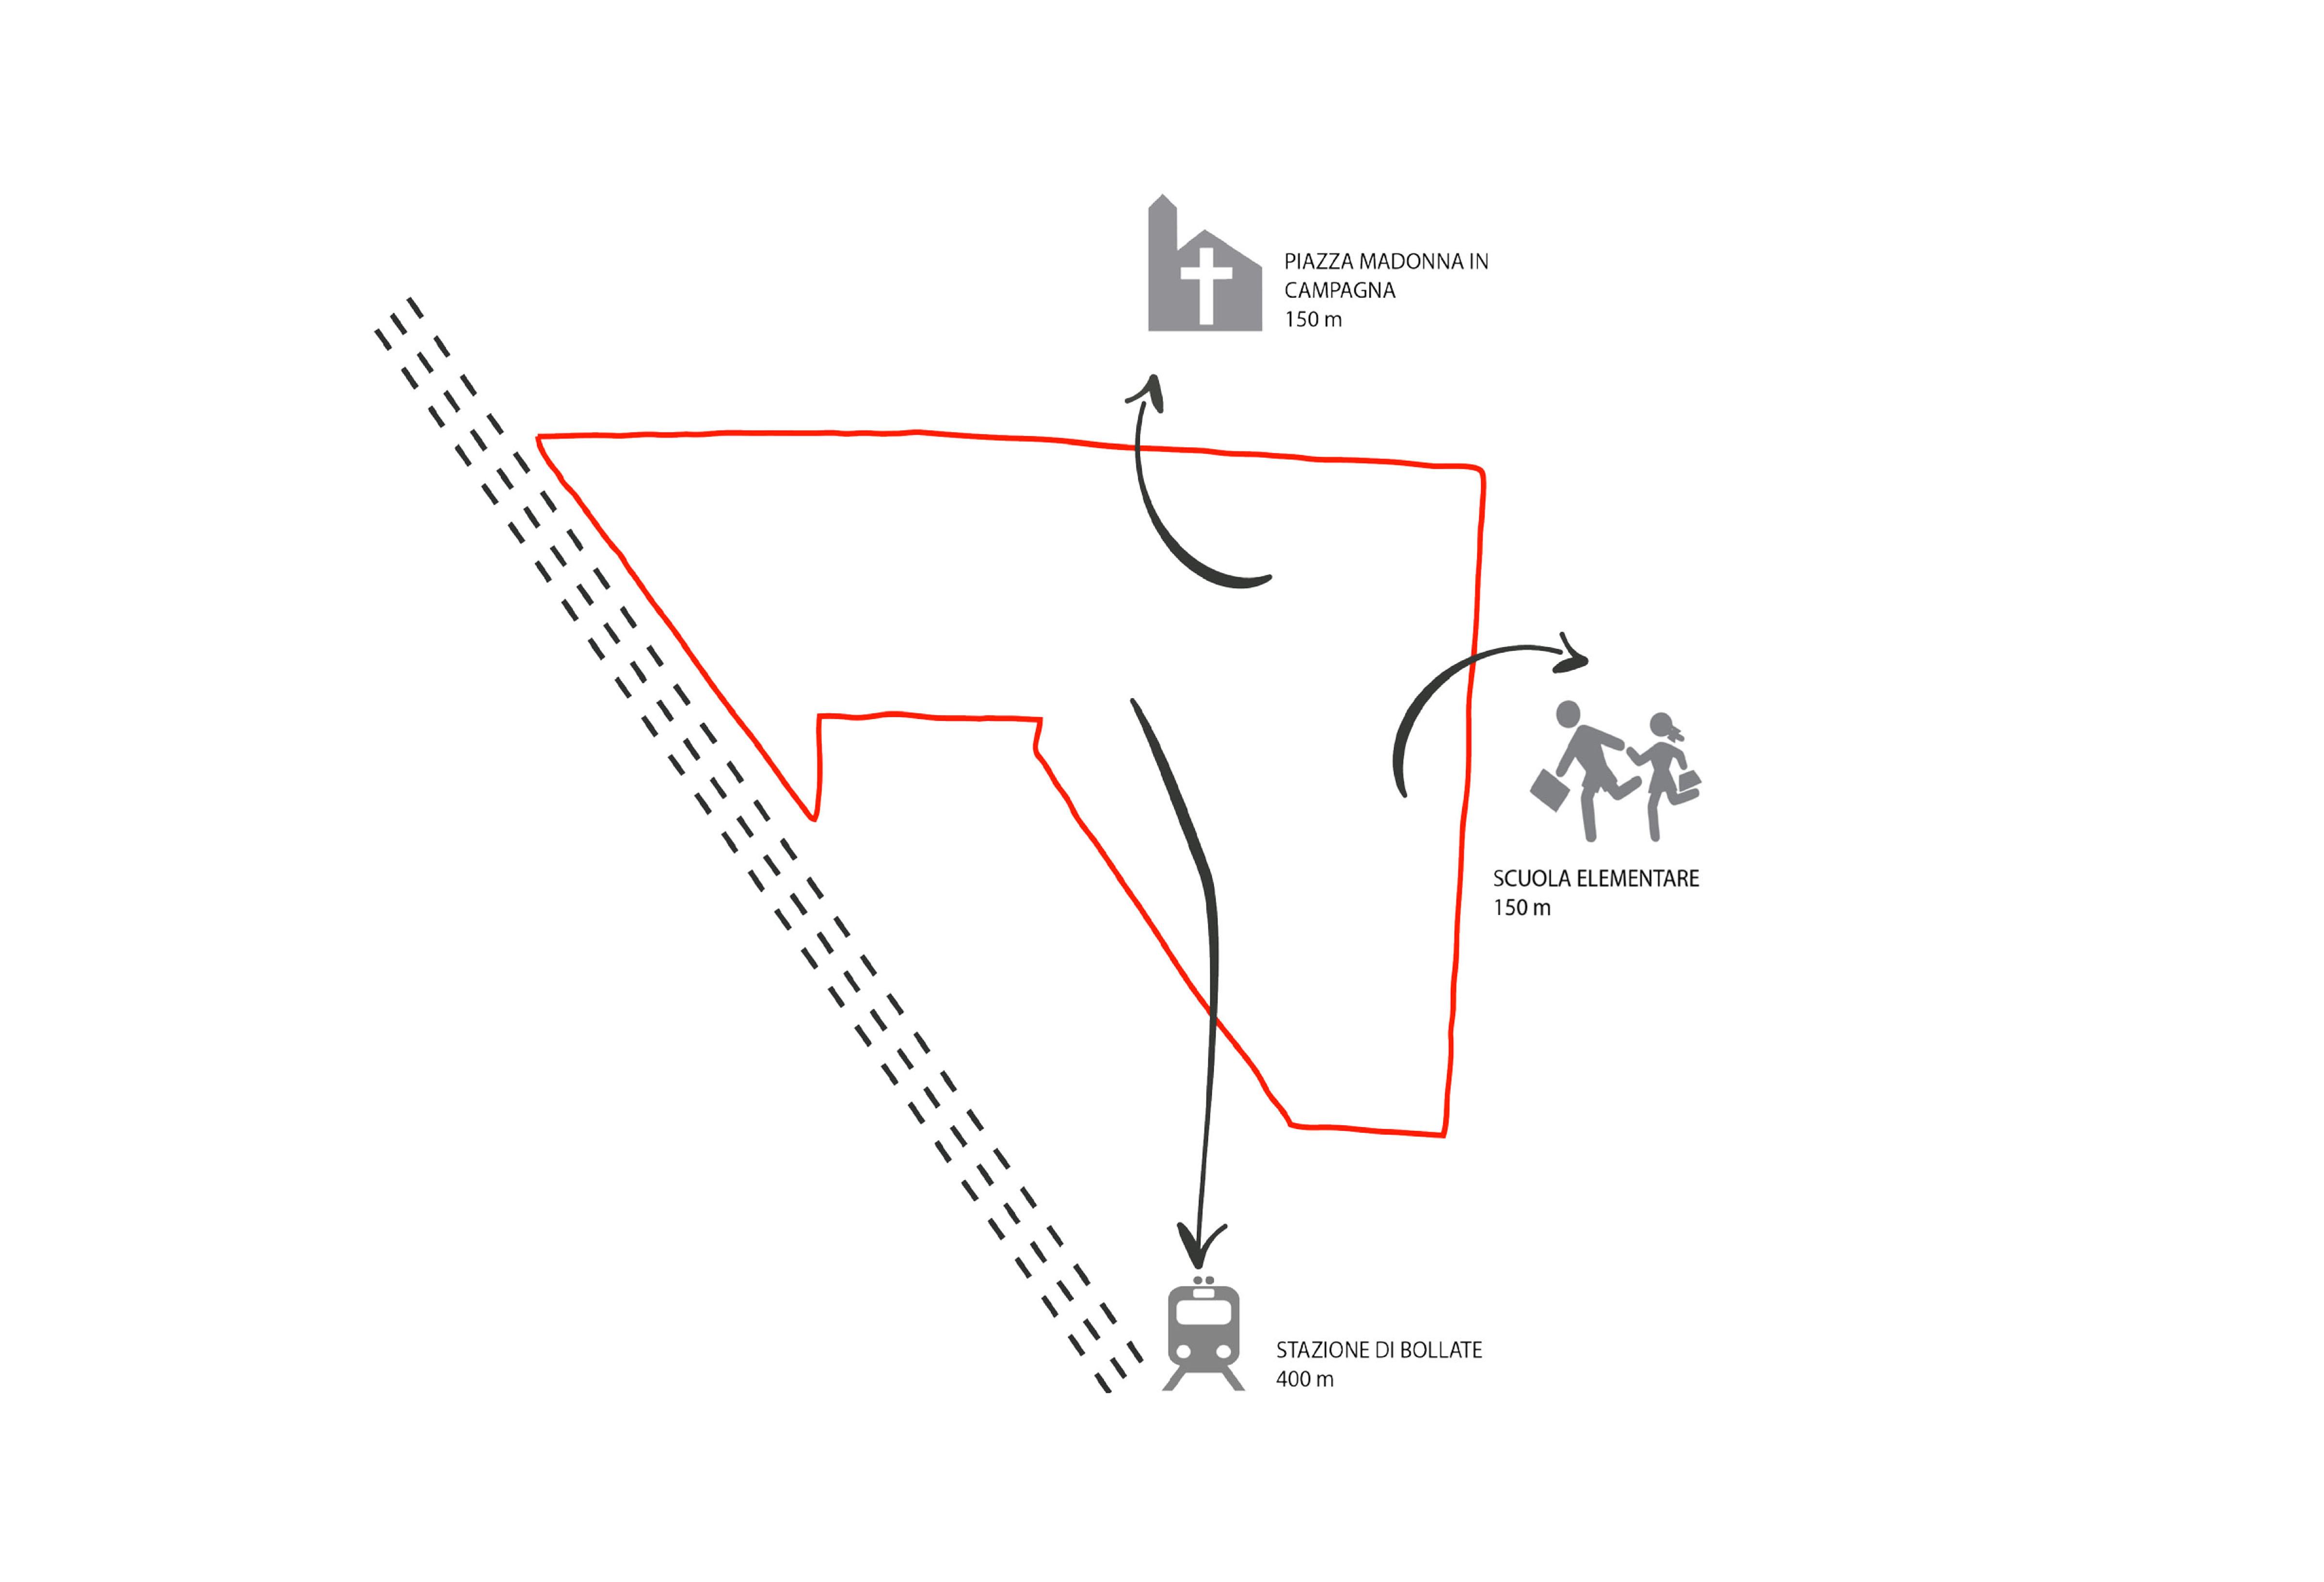 Connessioni limitrofe